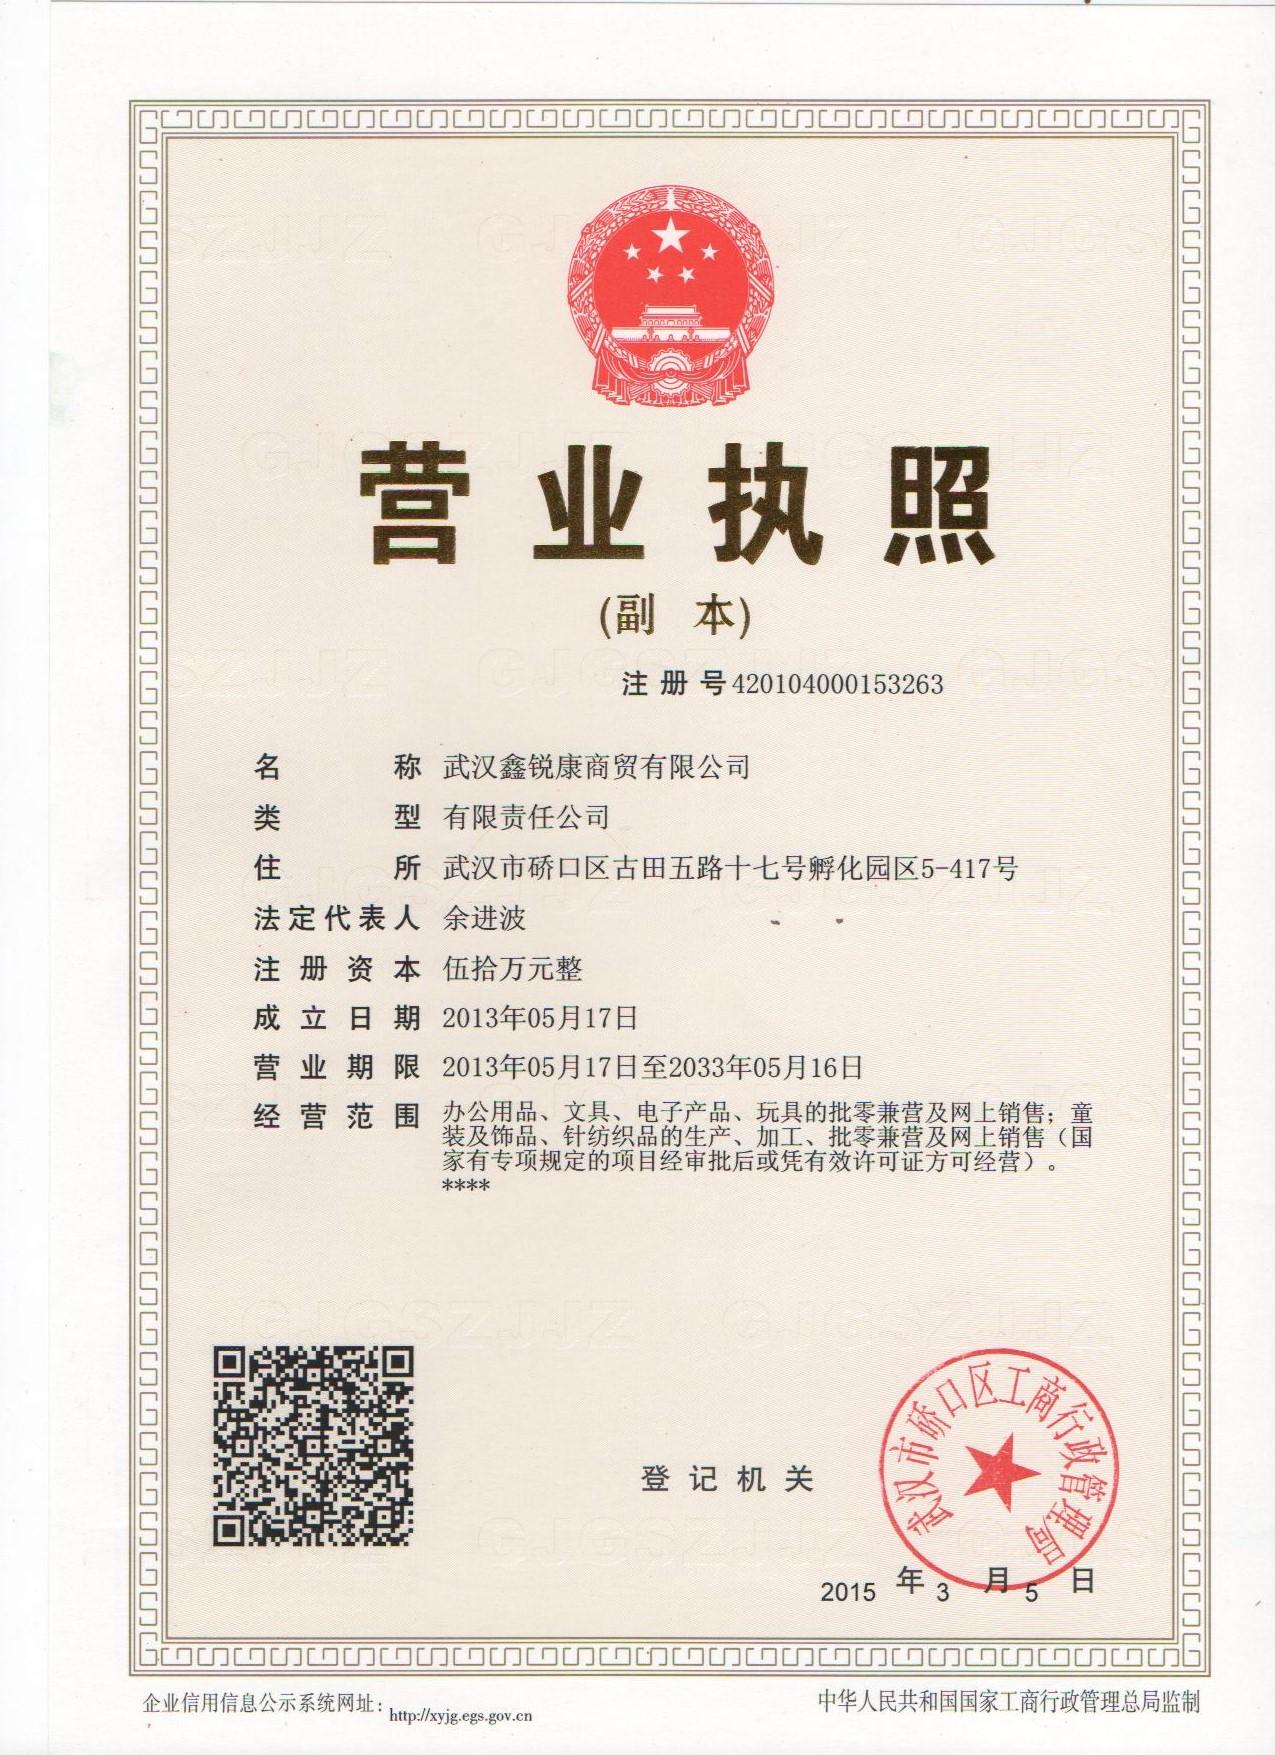 武汉市东西湖区童优会童装经营部企业档案